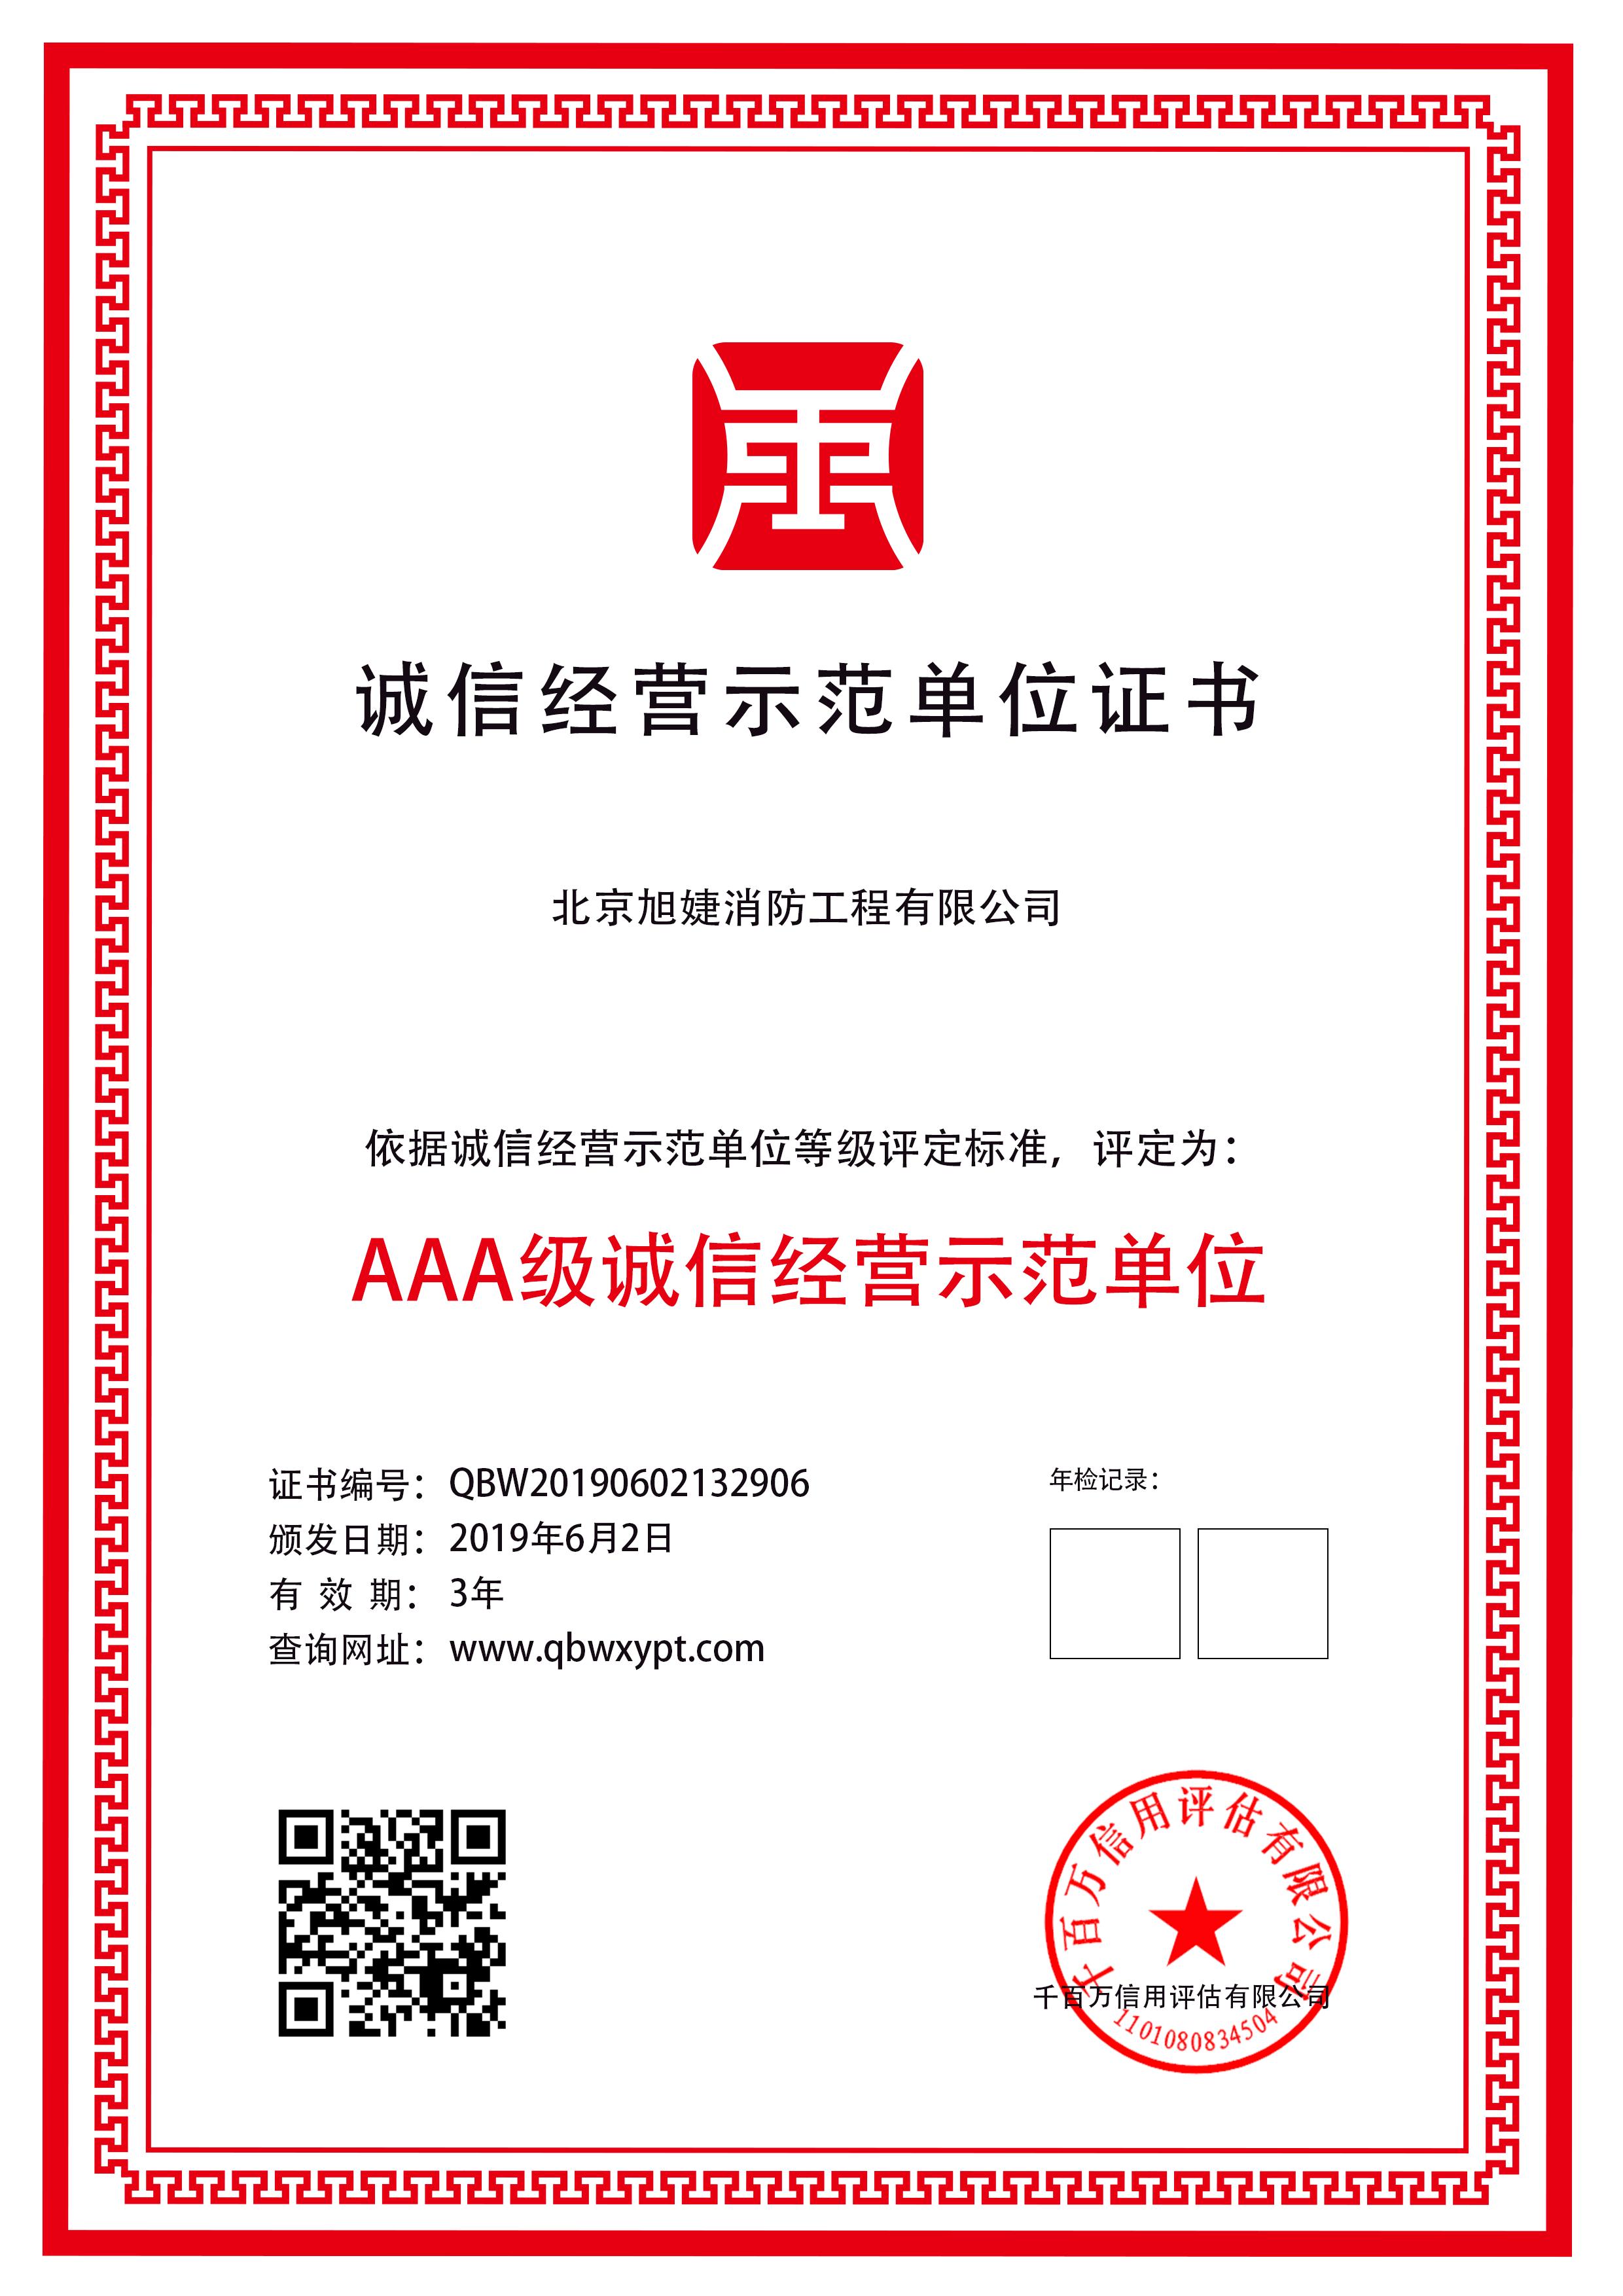 北京旭婕消防工程有限公司-诚信经营示范单位证书